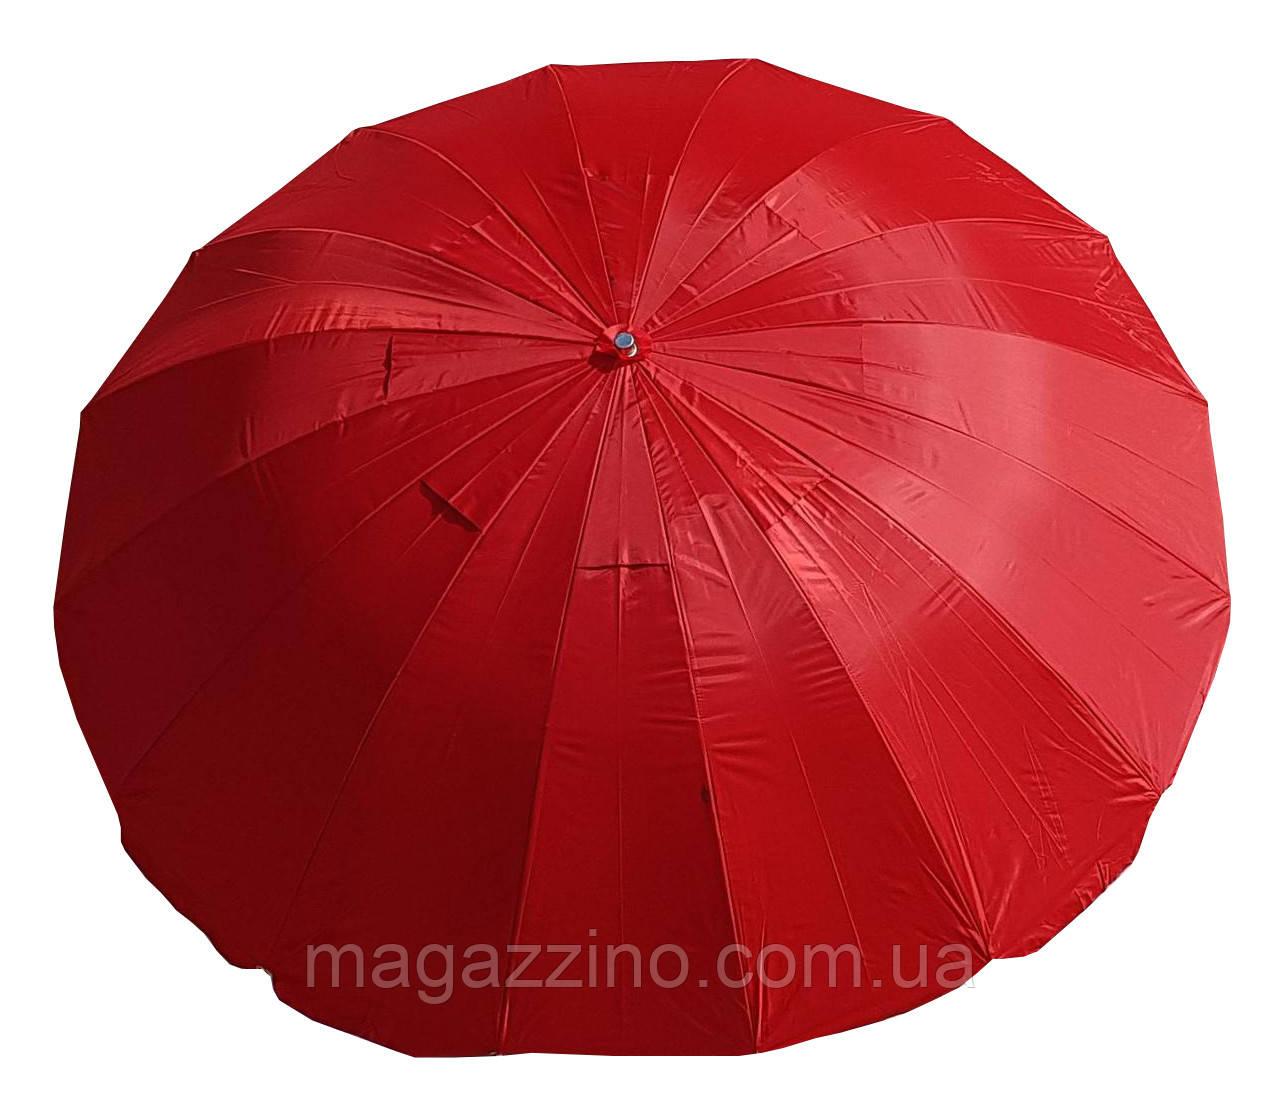 Зонт пляжний з клапаном і срібним напиленням, діаметр 3м., 16 спиць, Червоний